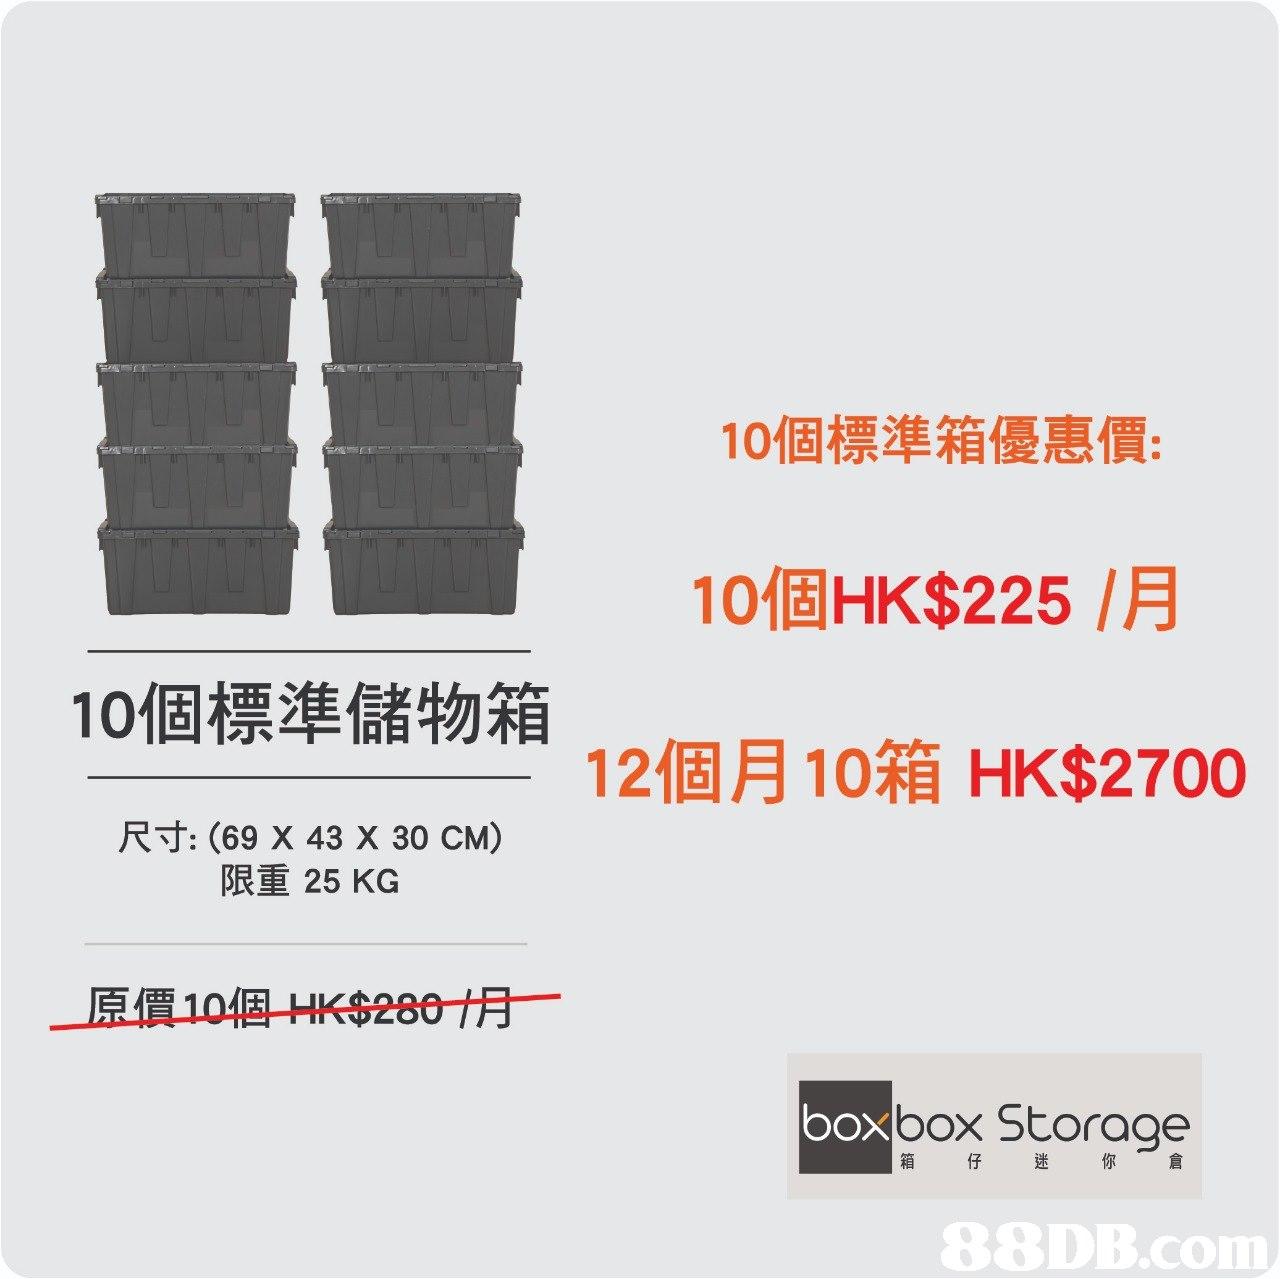 10個標準箱優惠價 10個HK$225/月 12個 10箱HK$2700 1貝: 10個標準儲物箱 尺寸: (69 X 43 X 30 CM) 限重25KG ooxbox Storage 箱 仔 迷 你 倉   product,product,font,